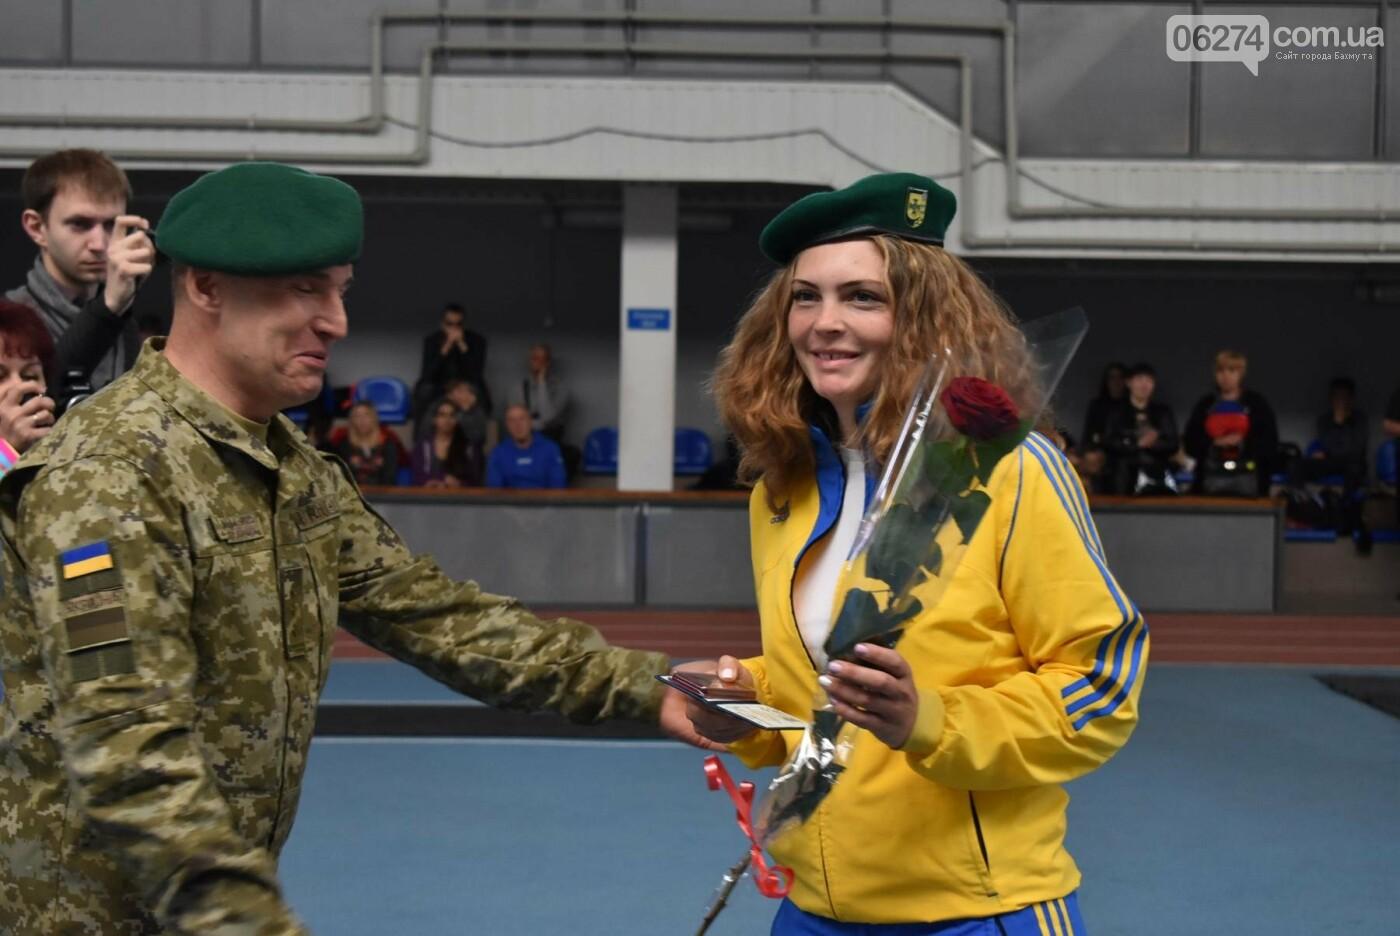 В Бахмуте презентовали спортсменов-олимпийцев Государственной пограничной службы Украины, фото-5